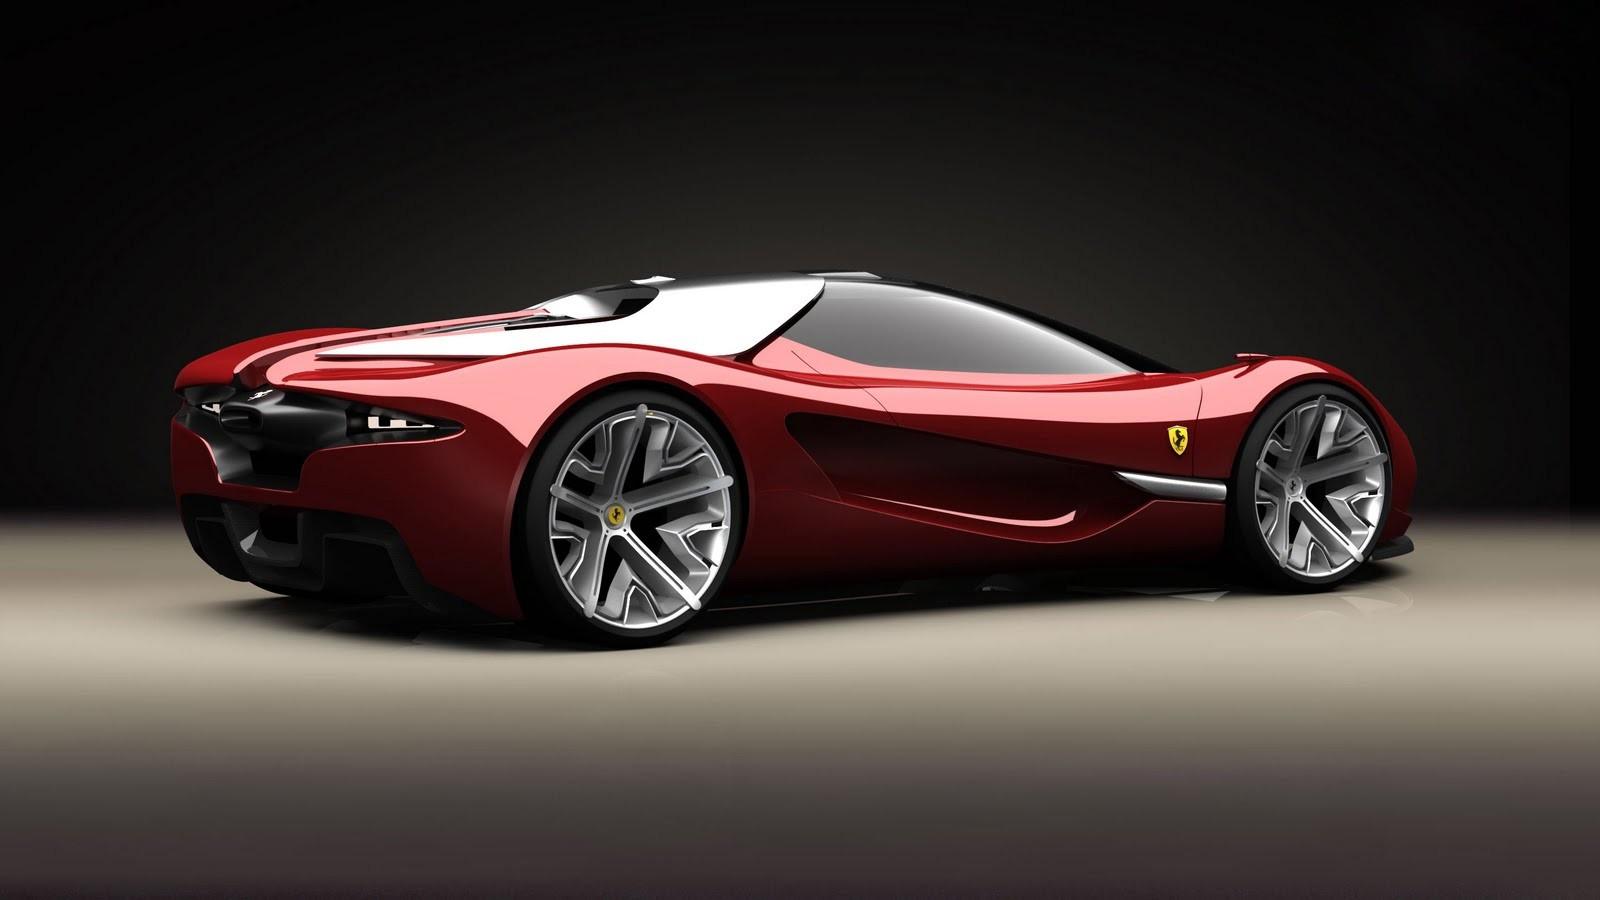 Wallpaper 1600x900 Ferrari Supercars Concept Cars Ferrari Xezri 1600x900